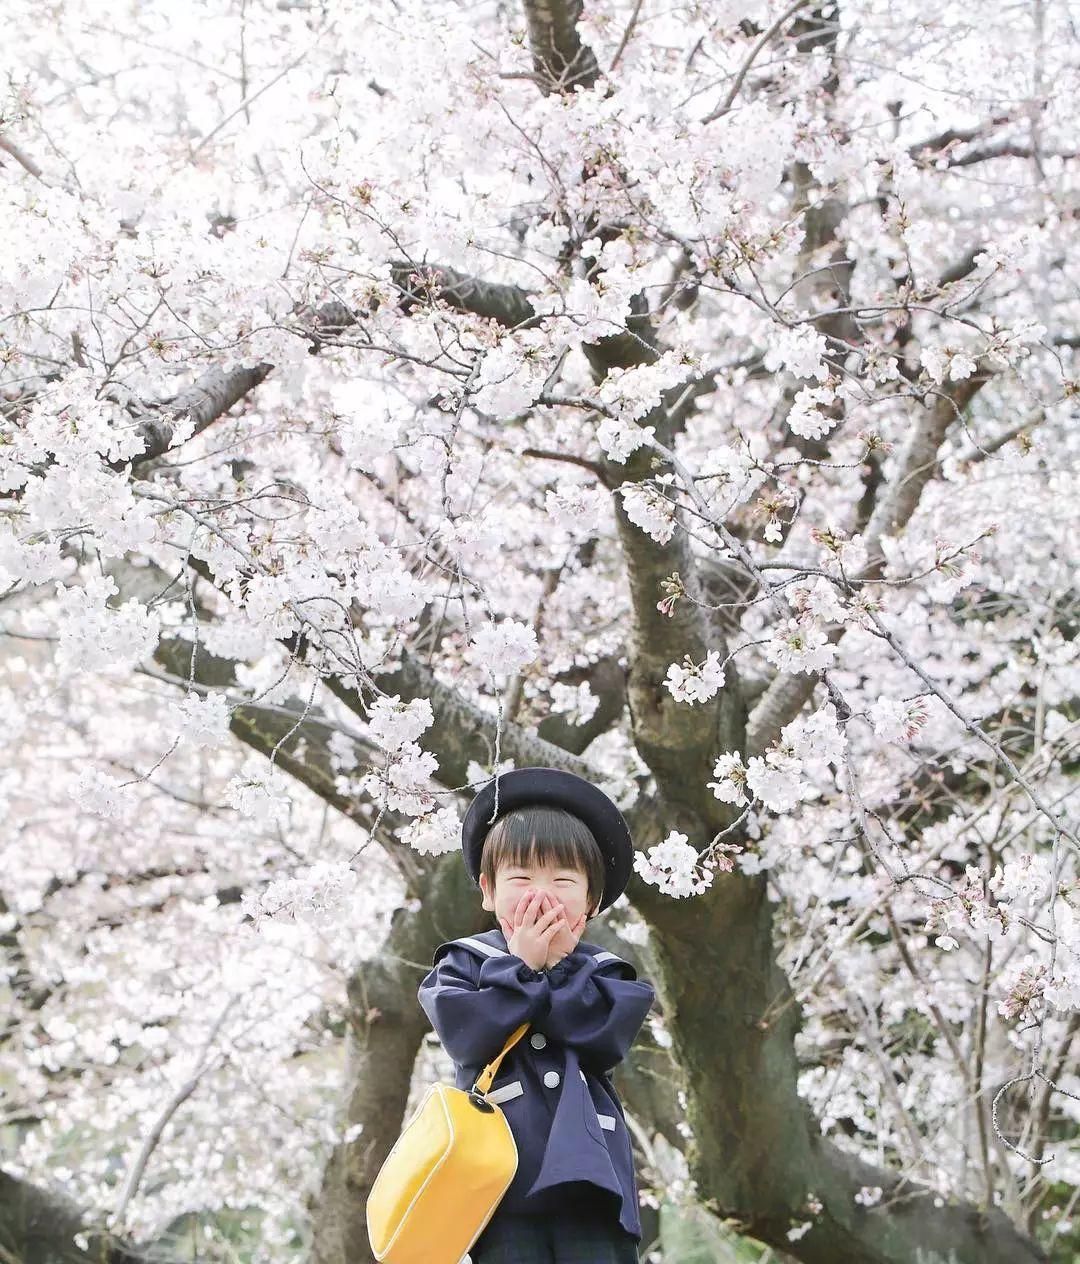 日本妈妈偷拍樱花树下的儿子,美成宫崎骏童话,治愈无数人